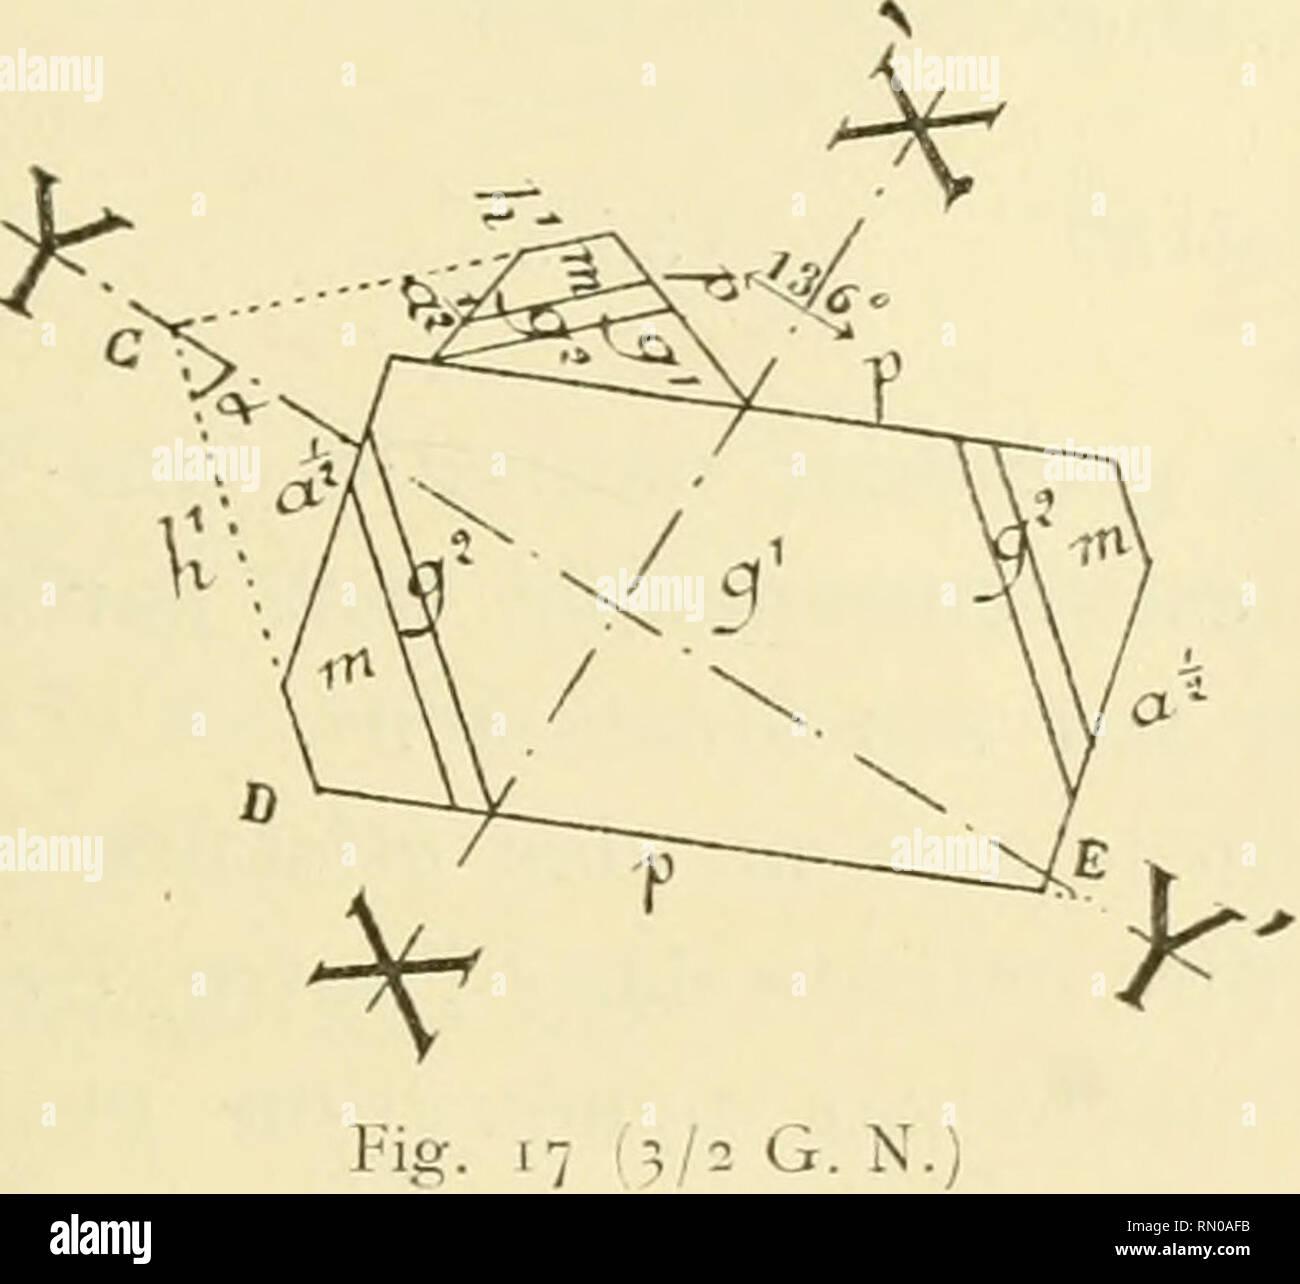 . Annales de la Station limnologique de Besse. Natural history; Natural history. — 287 - 5° Macle A, C'est tout d'abord, une macle où les faces g1 et gr sont parallèles v. fig. 16), et qui pro- jetée dans un plan pa- rallèle à^1 nous donne la figure 17. Il est facile de voir que la face d'assemblage est un des plans qui ont leurs traces en XX' et Y Y'. Si nous adoptions XX', qui est une face a* nous aurions des caracté- ristiques très compli- quées, aussi ai-je préféré adopter YY Voyons quelle est la notation de cette face ox. Le goniomètre d'application m*a donné p p' 136 environ, d'où il es - Stock Image